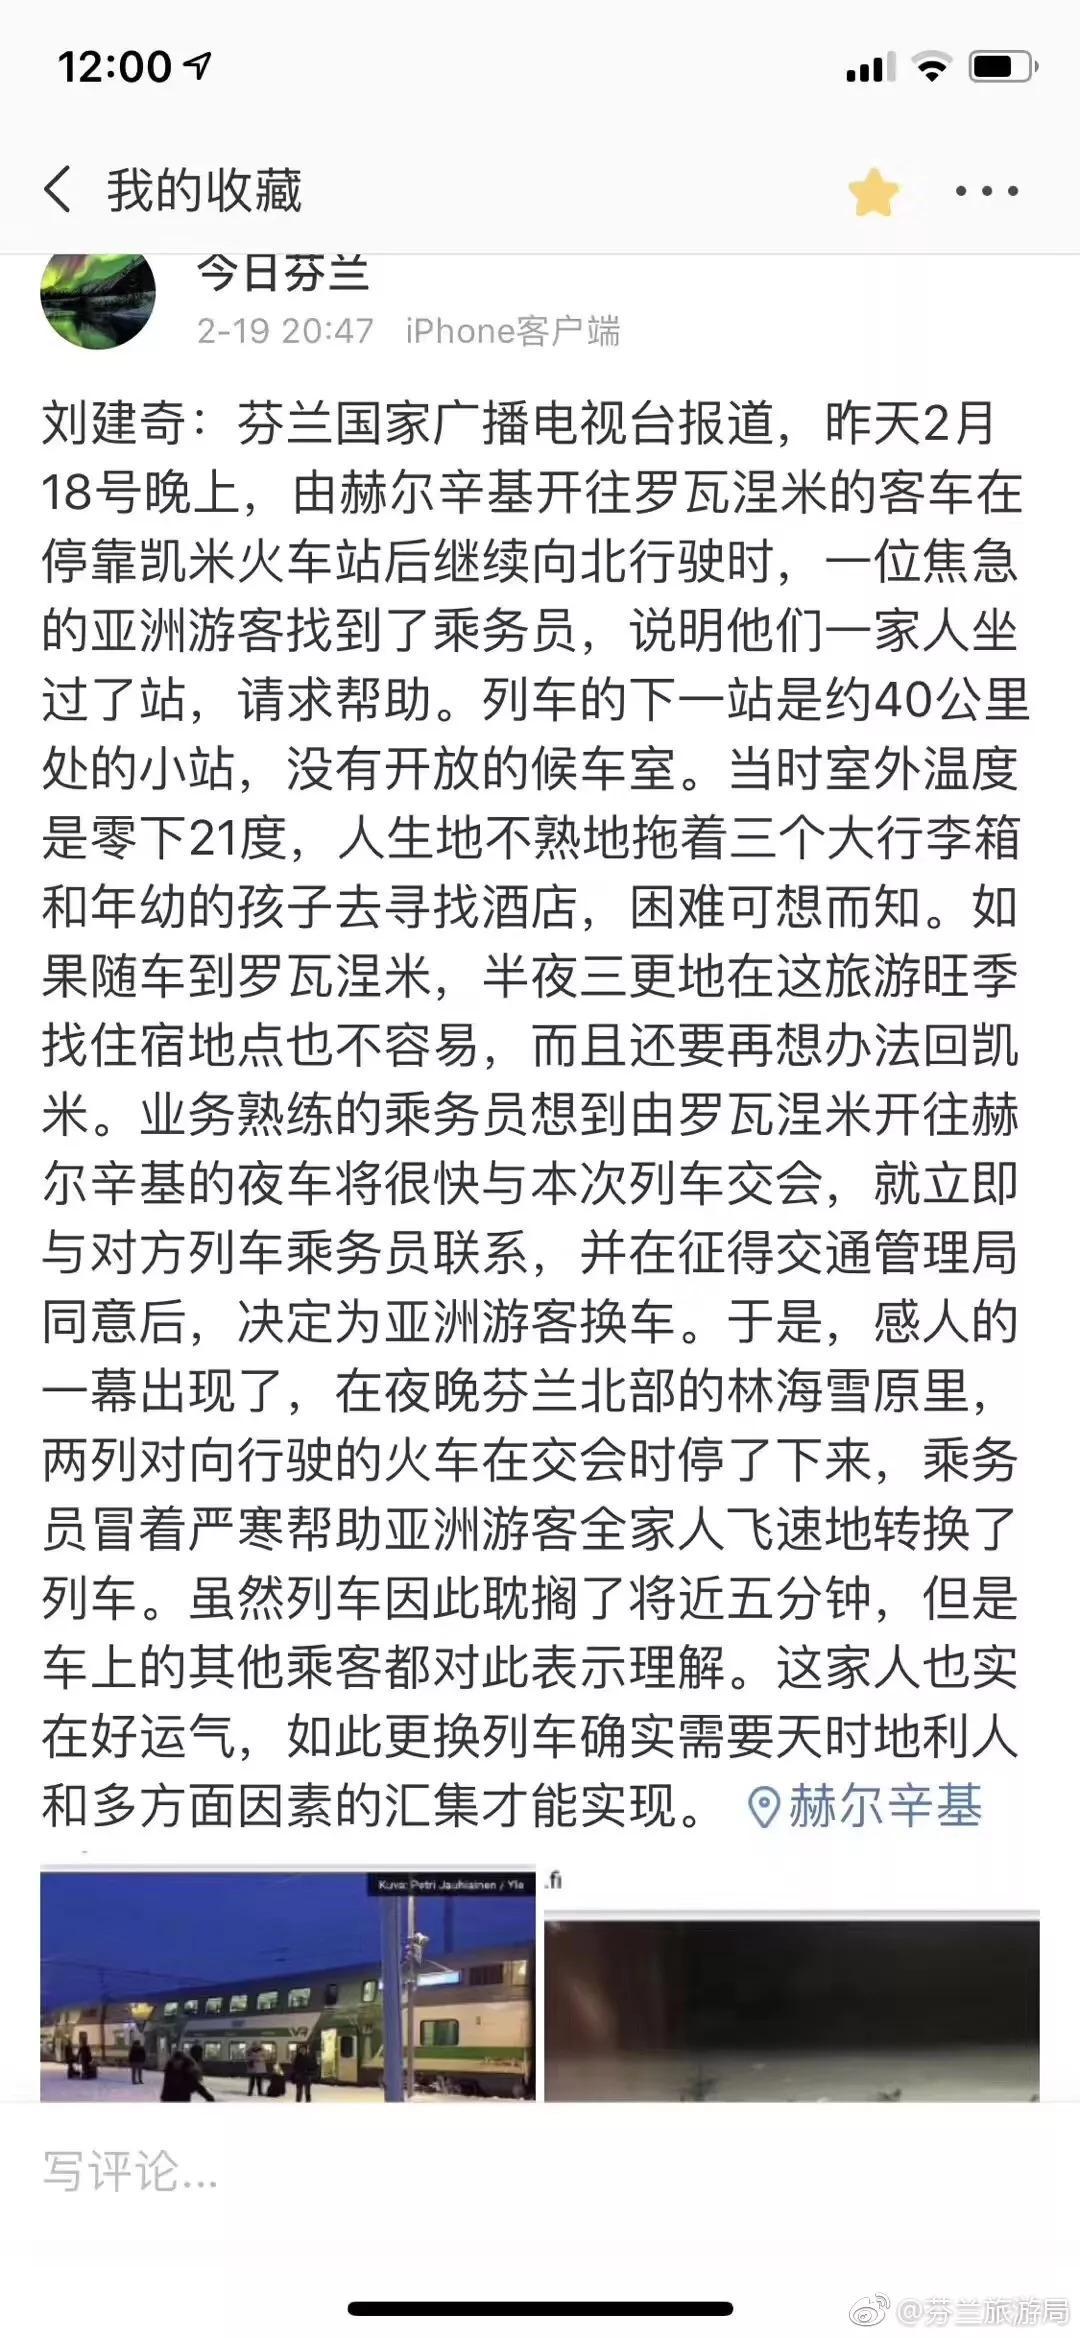 瑞典被指粗暴对待中国游客 邻居芬兰发微博抢生意